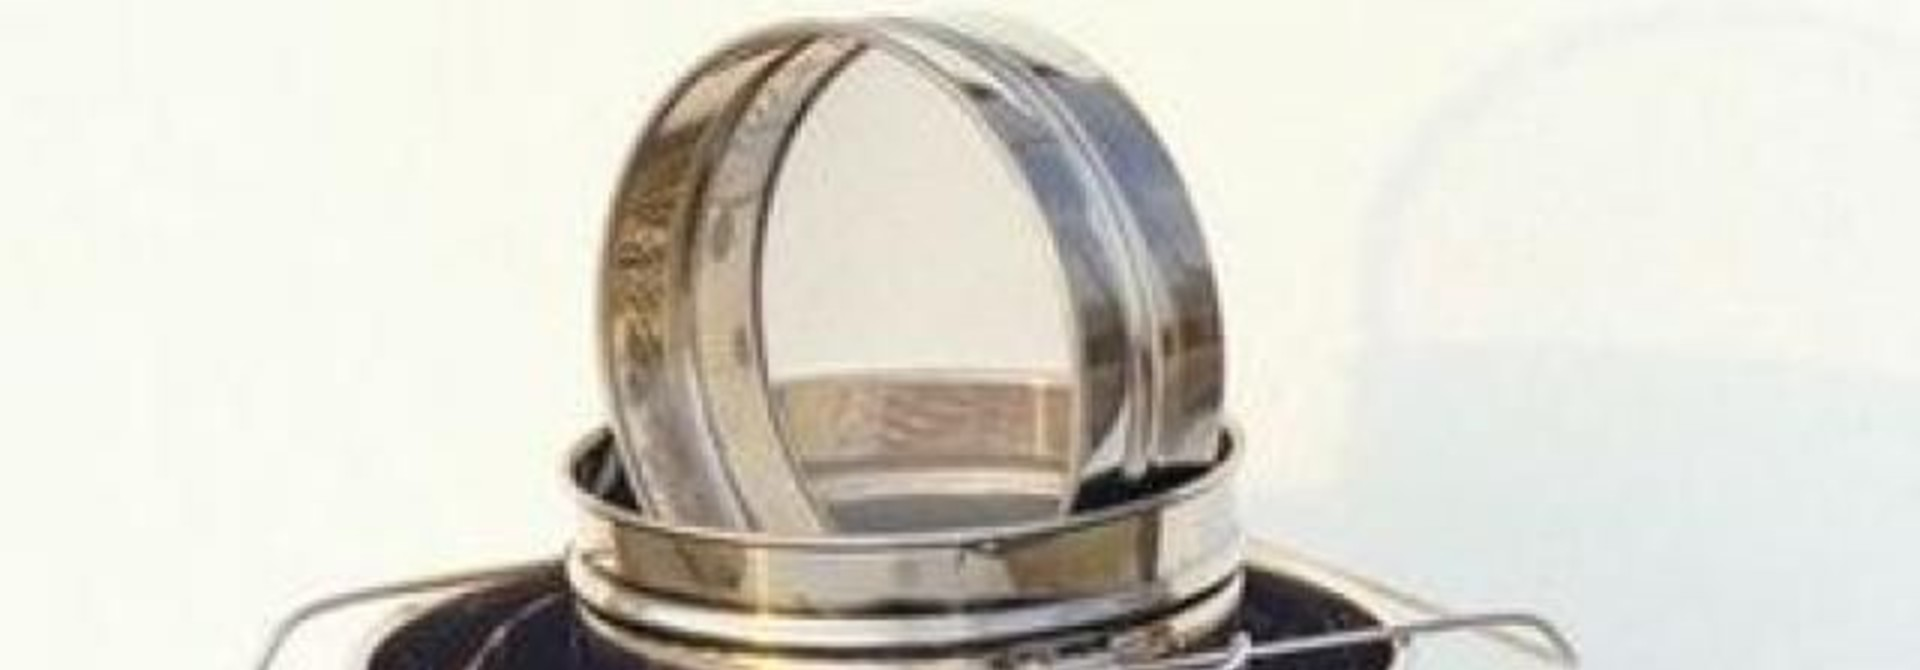 Zeef voor rijper Lega - 30/50 kg